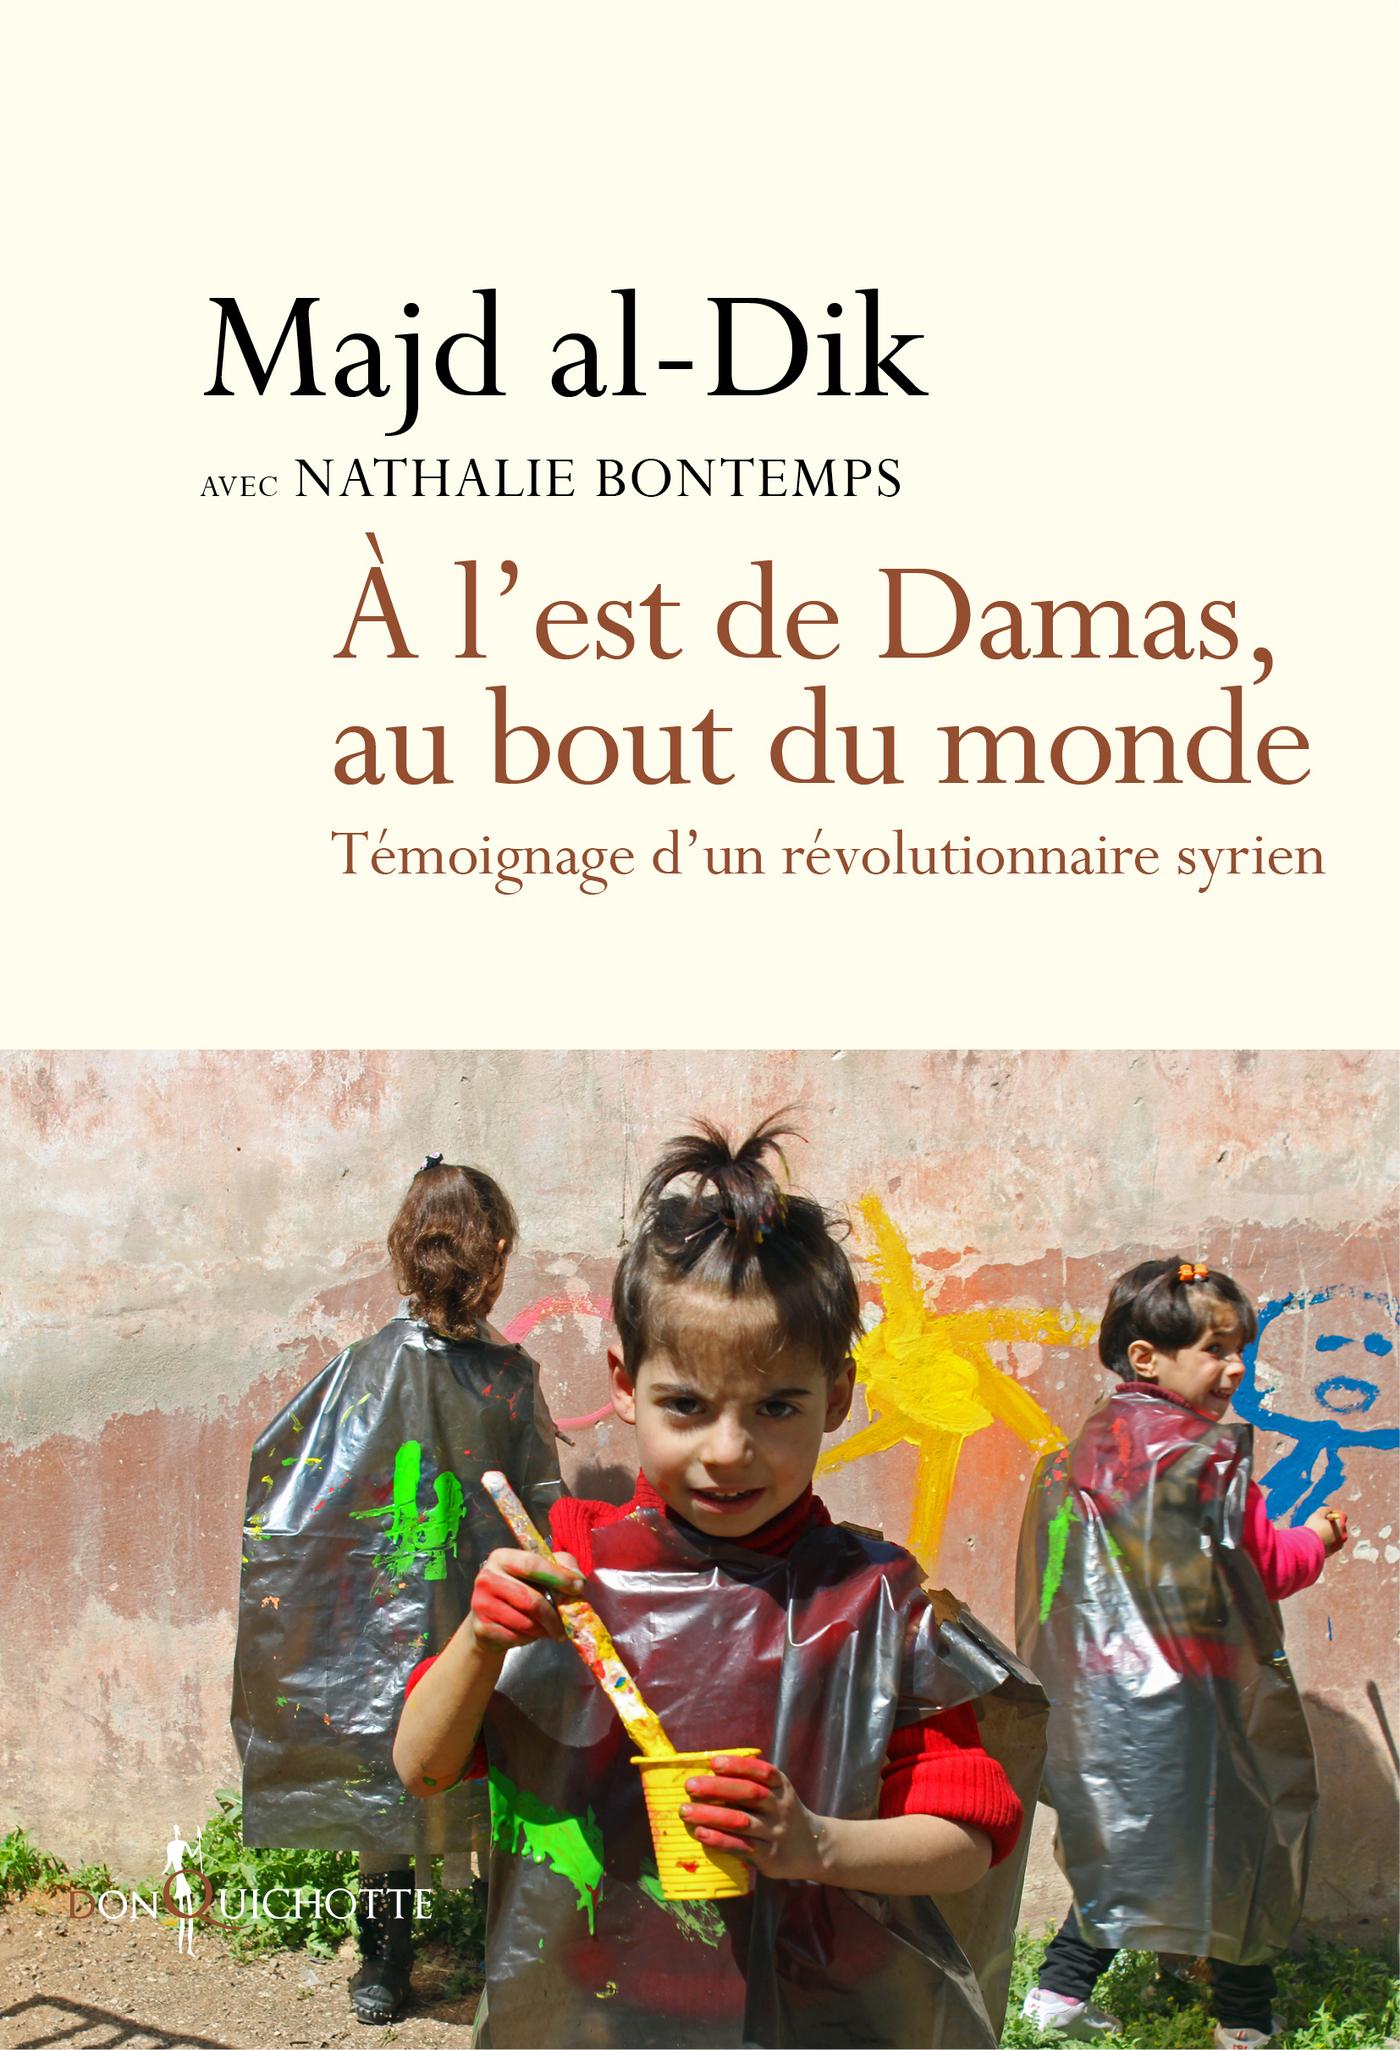 A l'est de Damas, au bout du monde. Témoignage d'un révolutionnaire syrien